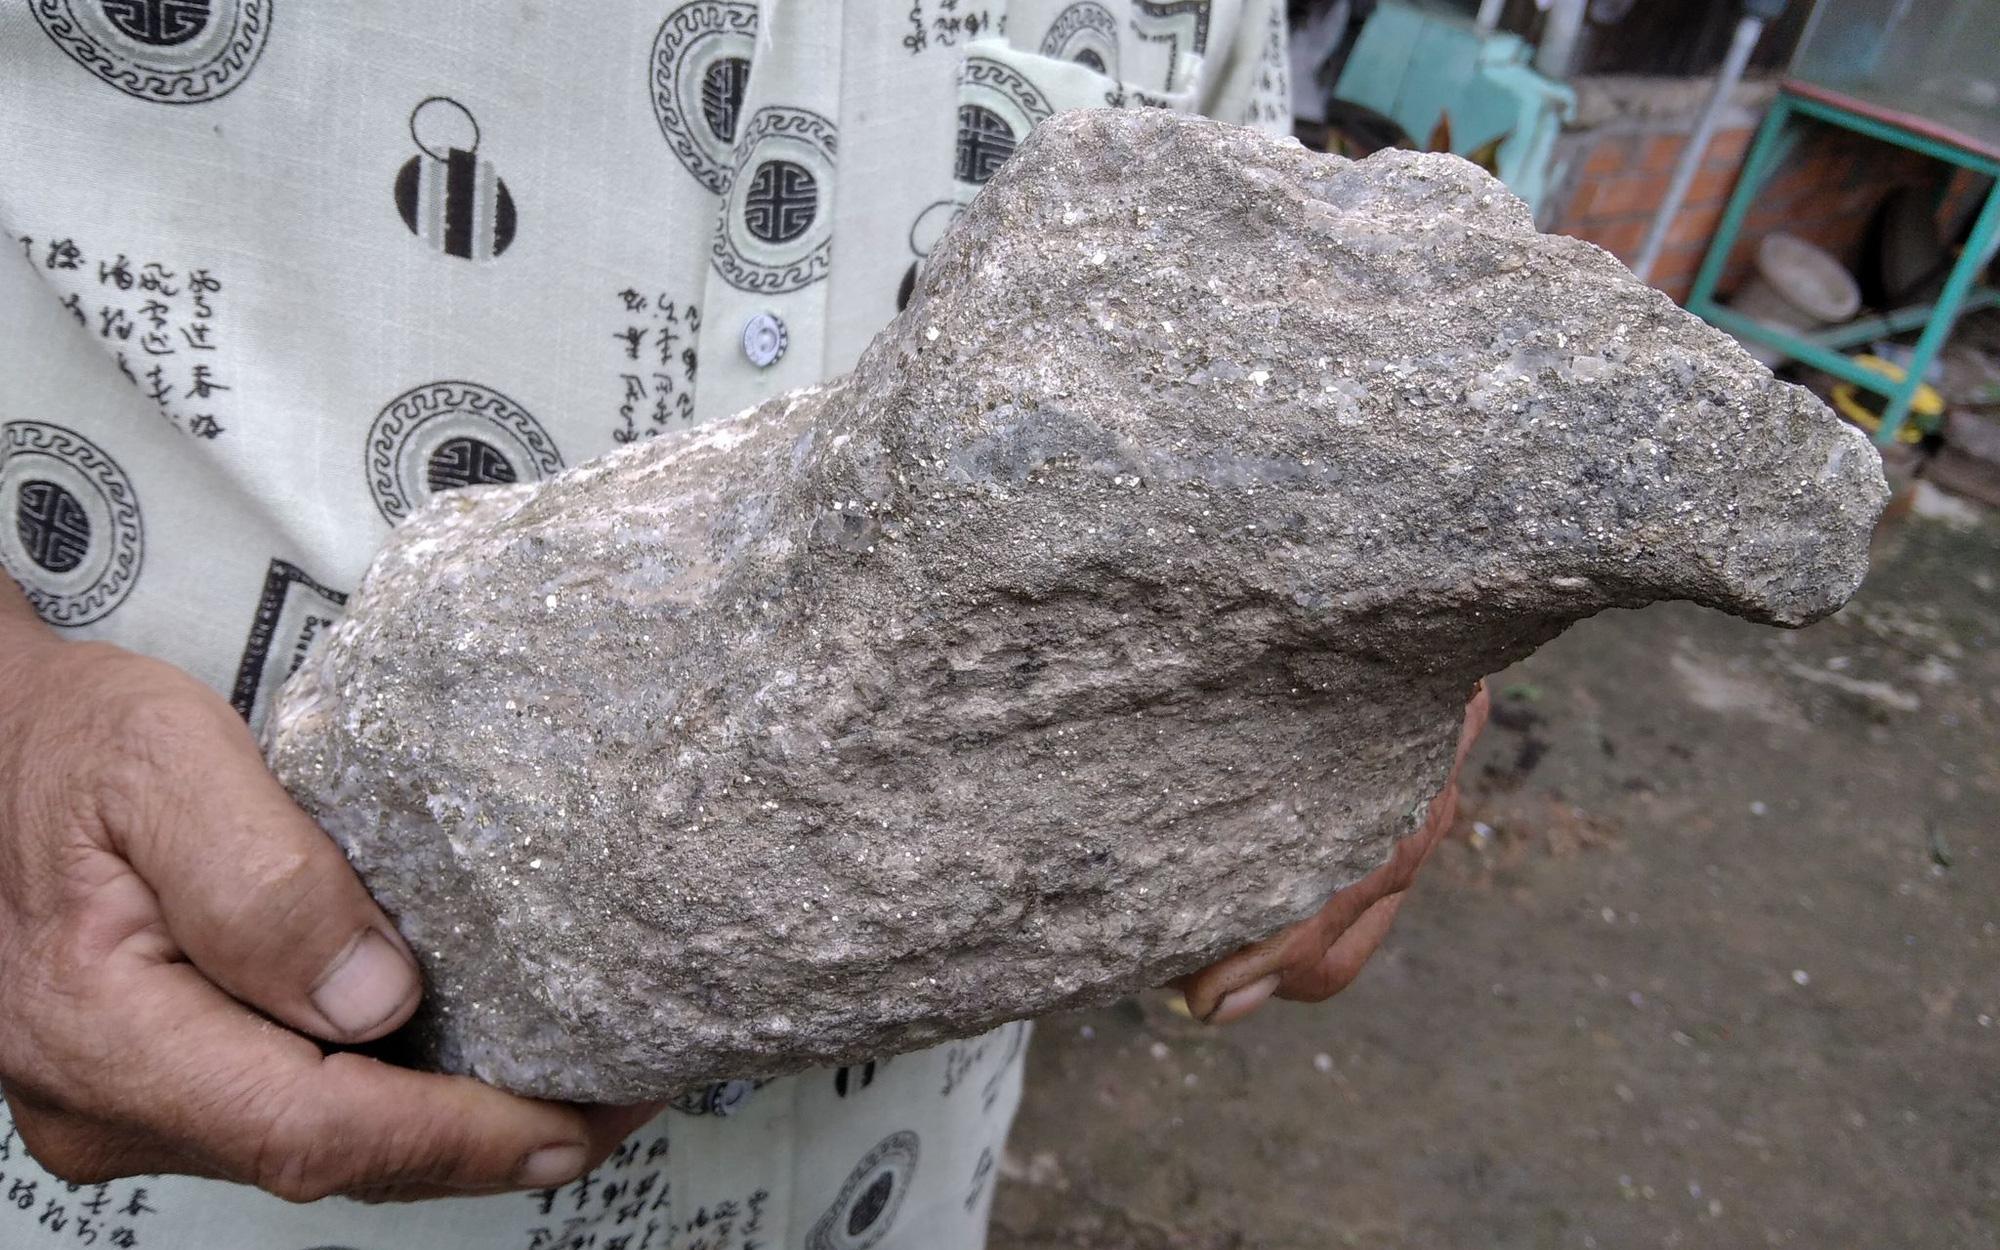 Đồng Tháp: 2 cục đá lạ, lấp lánh như có vàng, nghi đá quý hiếm do 1 ông nông dân đi cào hến bắt gặp